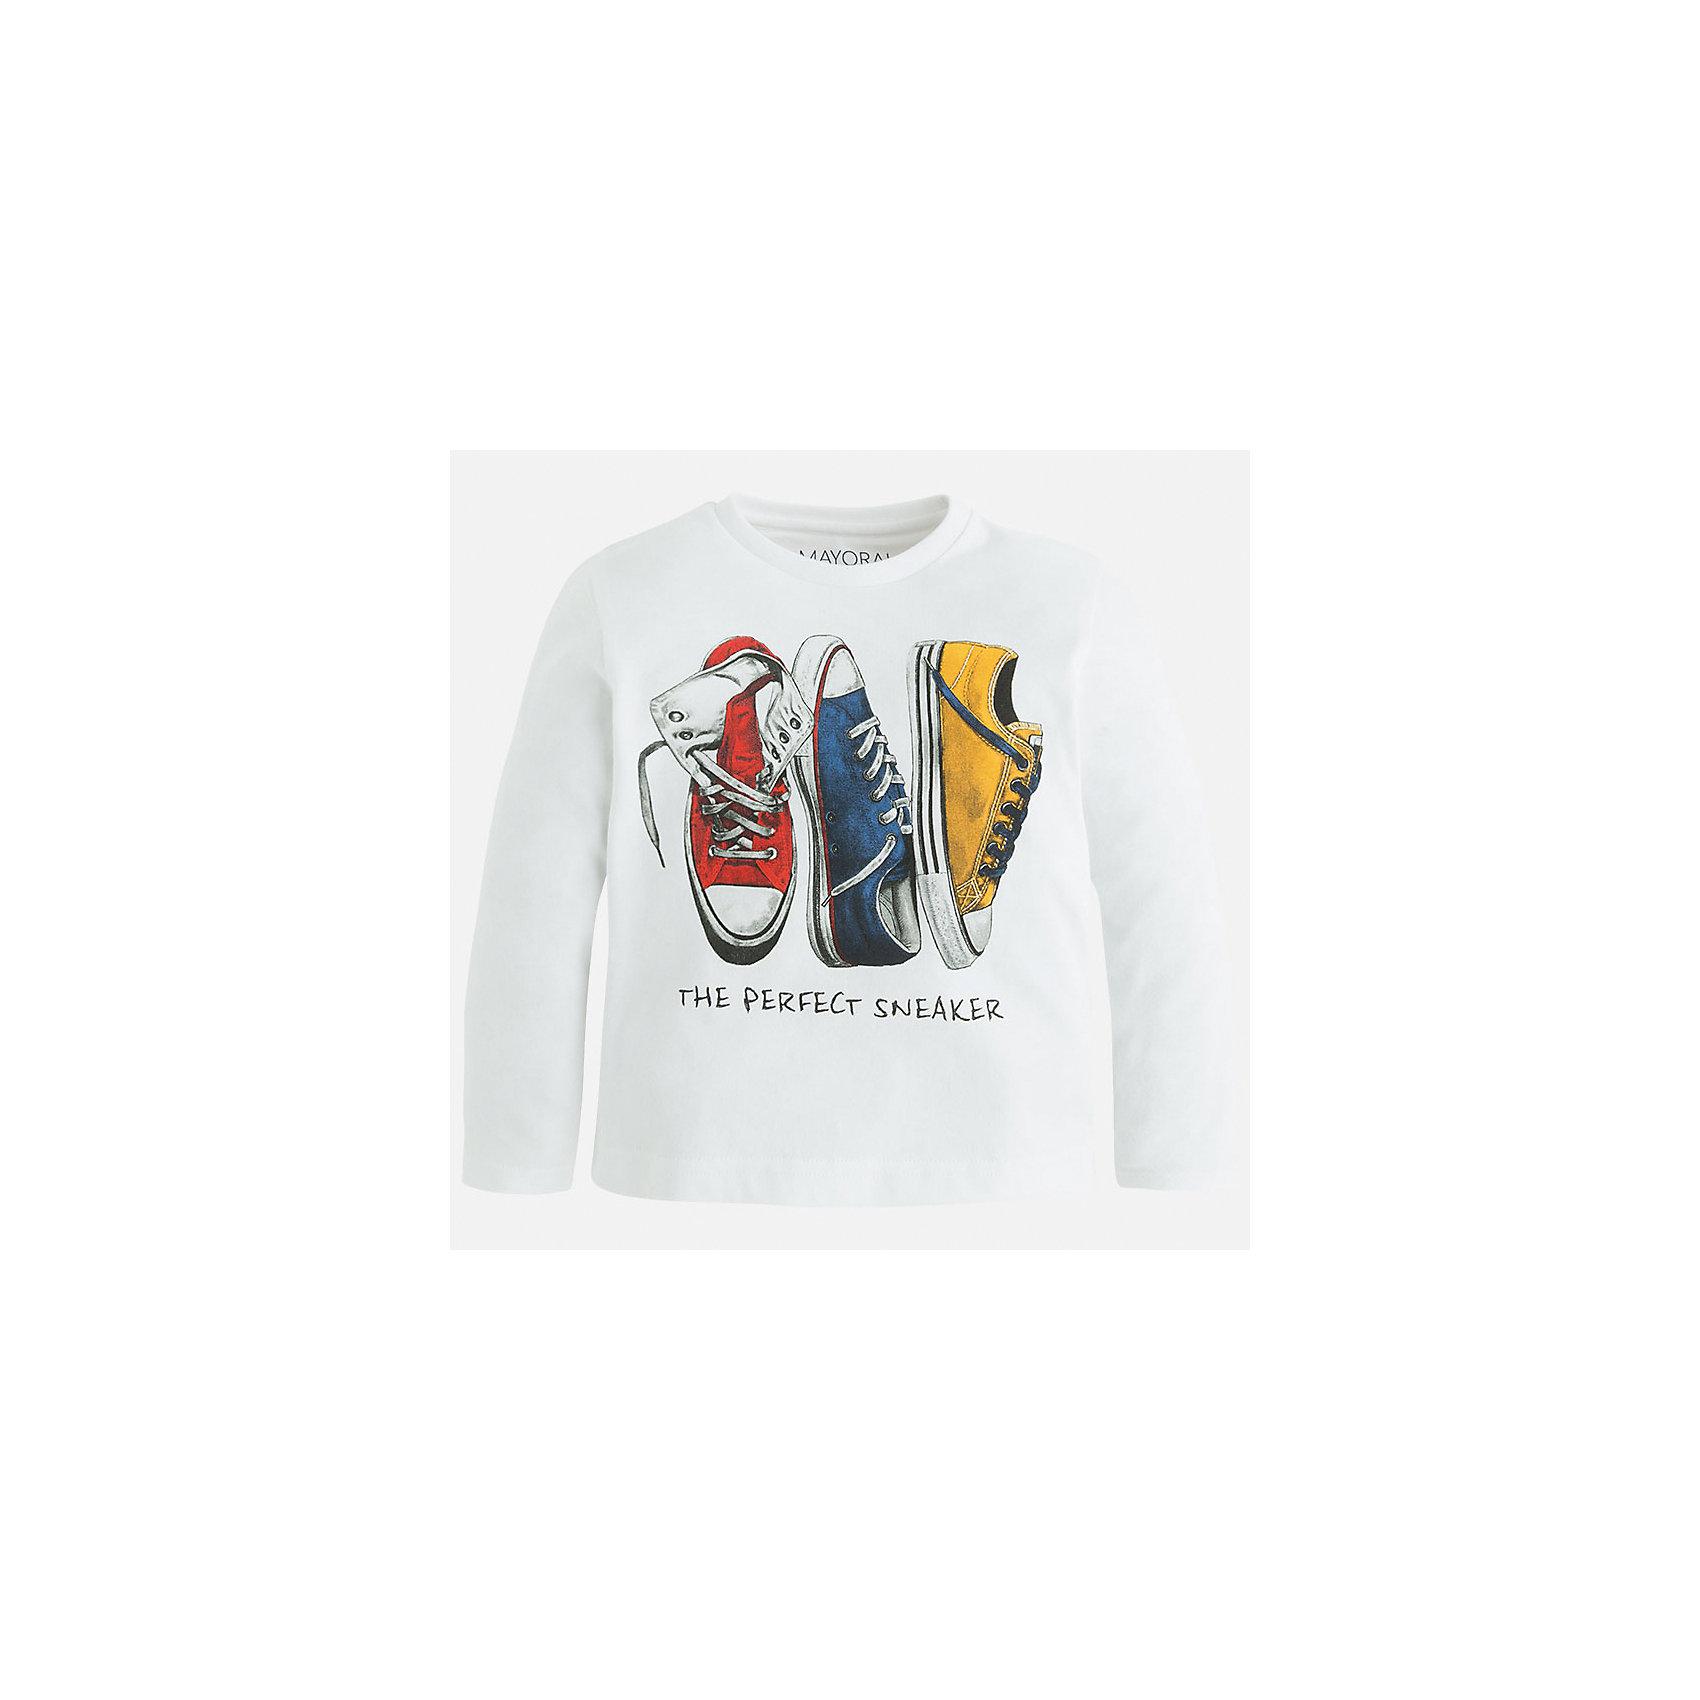 Футболка с длинным рукавом для мальчика MayoralФутболки с длинным рукавом<br>Футболка с длинным рукавом для мальчика из коллекции осень-зима 2016-2017 известного испанского бренда Mayoral (Майорал). Стильная и удобная хлопковая футболка на каждый день. Приятный молочно-белый цвет футбоки прекрасно сочетается с дизайном принта и придет по вкусу вашему чемпиону. Футболка имеет округлую горловину и отлично подойдет как к джинсам, так и к штанам спортивного стиля. <br><br>Дополнительная информация:<br><br>- Рукав: длинный<br>- Силуэт: прямой<br>Состав: 100% хлопок<br><br>Футболку с длинным рукавом для мальчиков Mayoral (Майорал) можно купить в нашем интернет-магазине.<br><br>Подробнее:<br>• Для детей в возрасте: от 10 до 14 лет<br>• Номер товара: 4847811<br>Страна производитель: Китай<br><br>Ширина мм: 230<br>Глубина мм: 40<br>Высота мм: 220<br>Вес г: 250<br>Цвет: белый<br>Возраст от месяцев: 24<br>Возраст до месяцев: 36<br>Пол: Мужской<br>Возраст: Детский<br>Размер: 98,134,116,104,110,122,128<br>SKU: 4847810